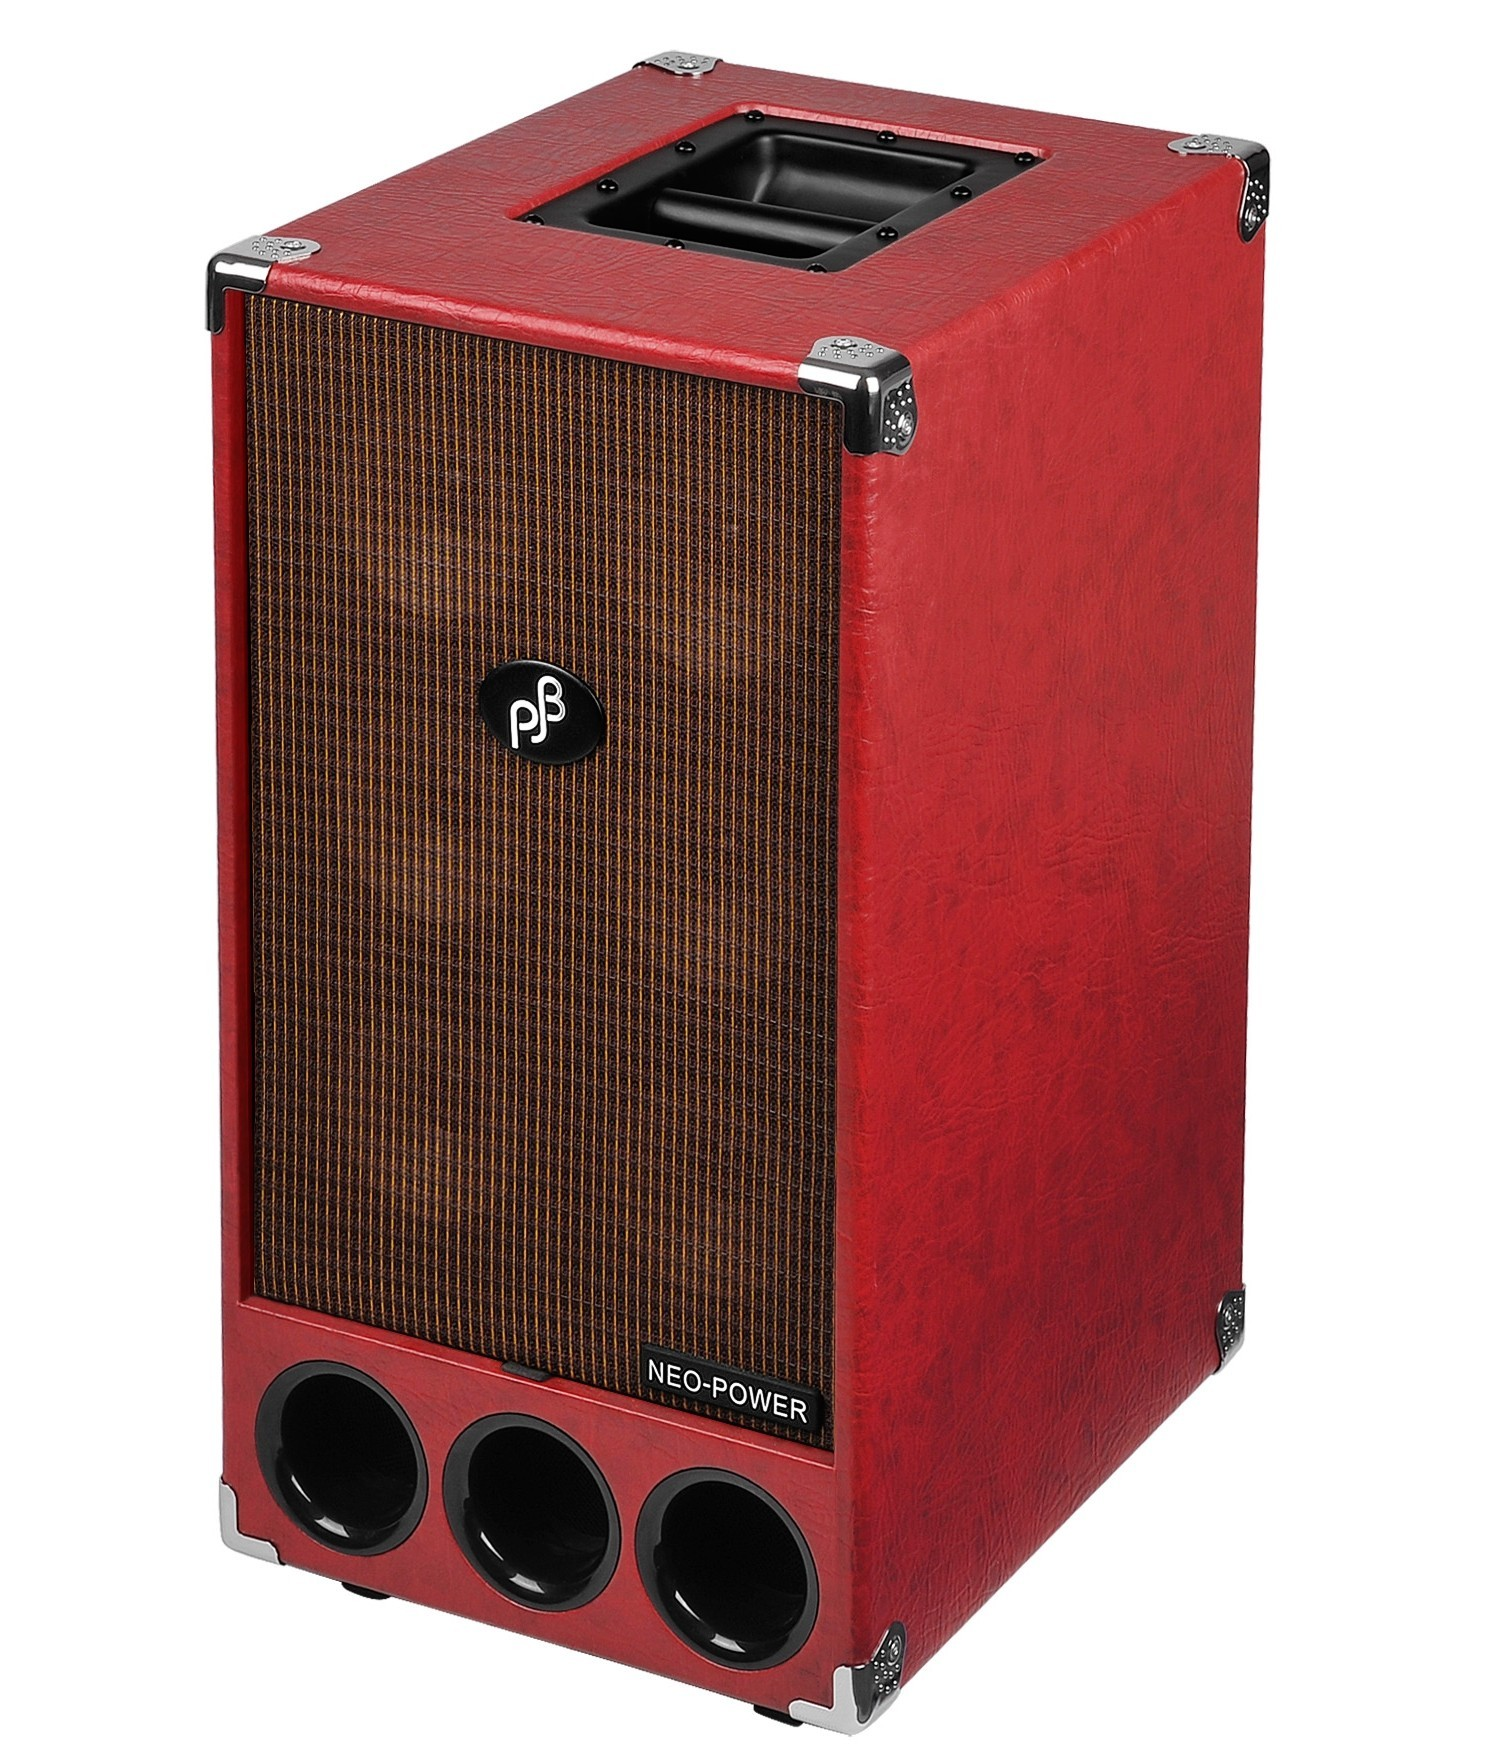 Phil Jones Bass Pb 300 Neo Power 5x6 Cabinet Best Bass Gear